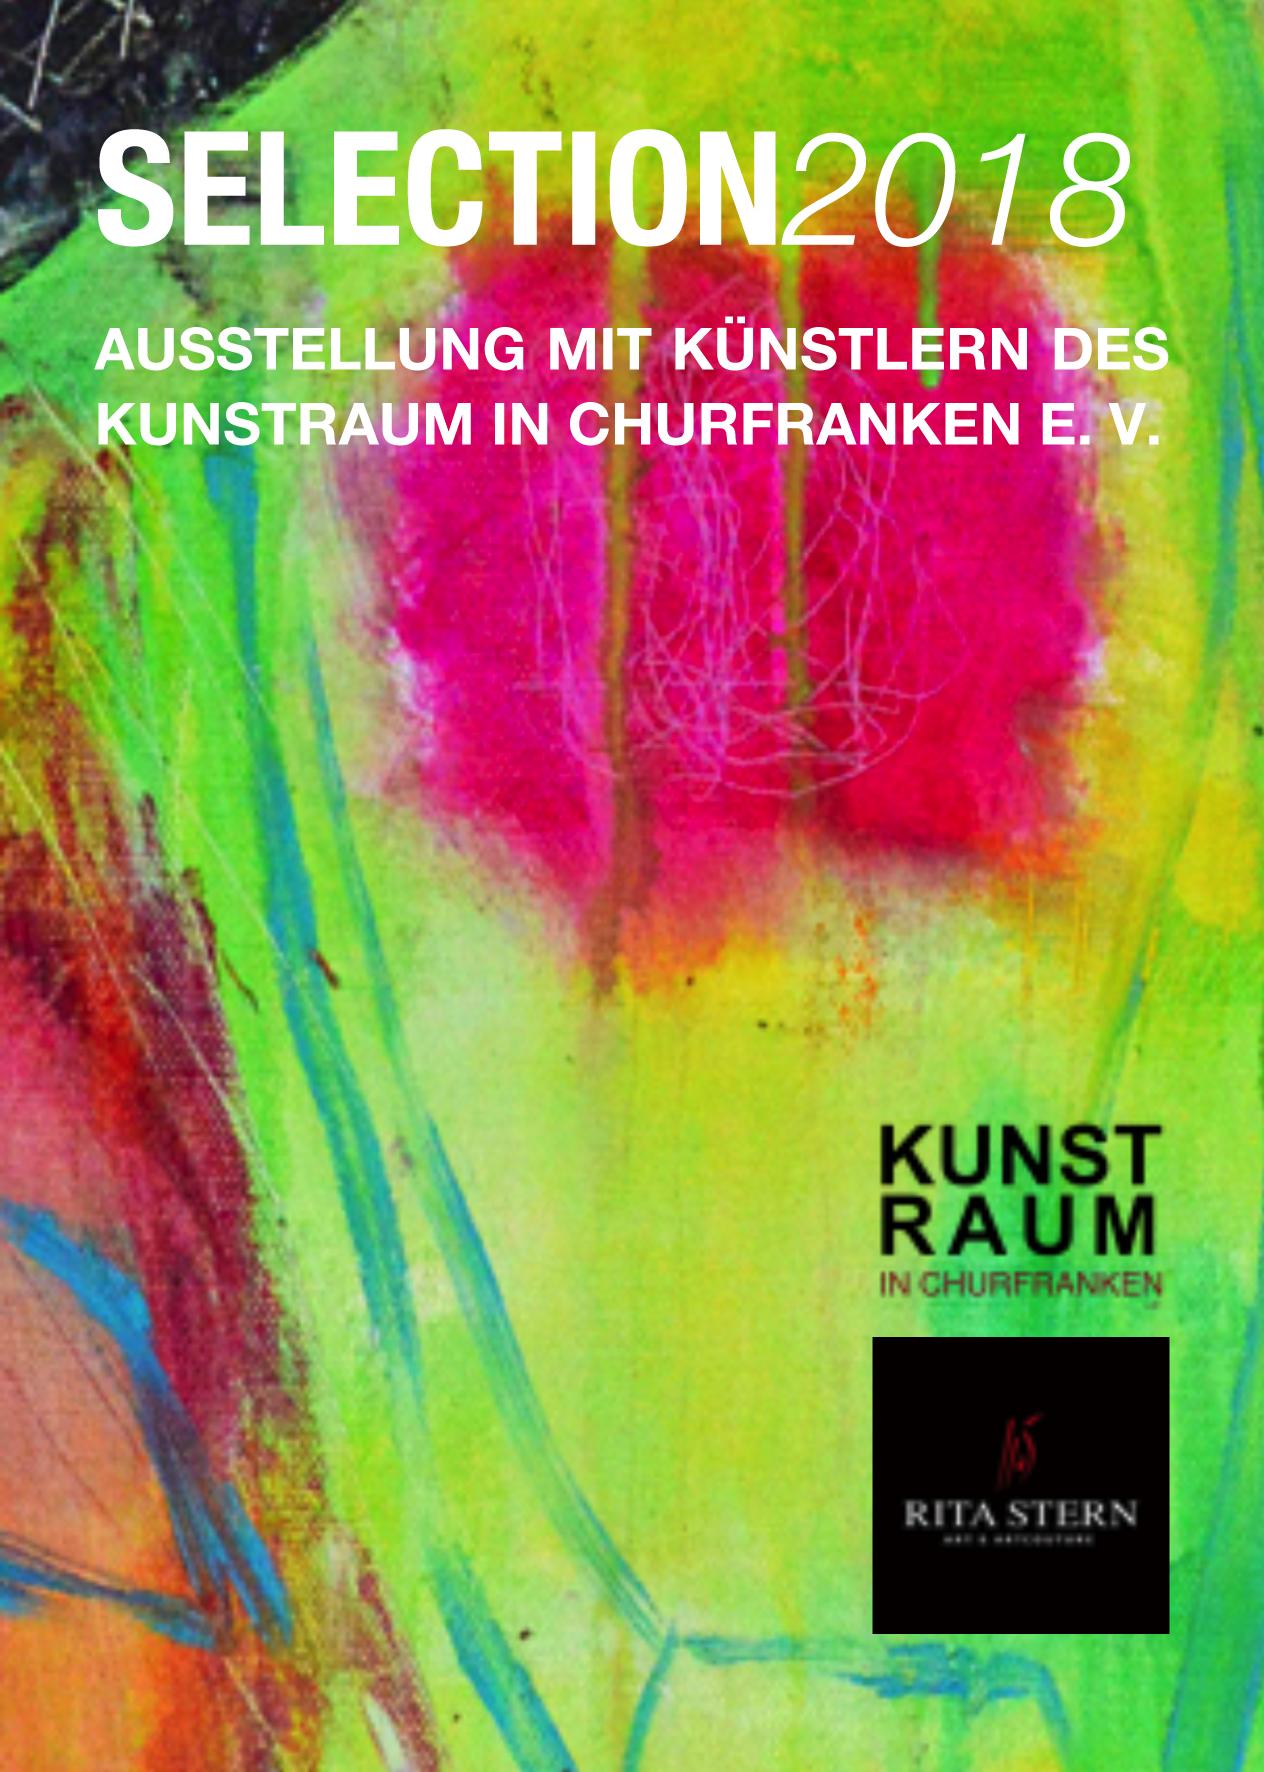 SELECTION 2018, Galerie RITA STERN zeigt Arbeiten von 4 Künstlern des KUNSTRAUM CHURFRANKEN